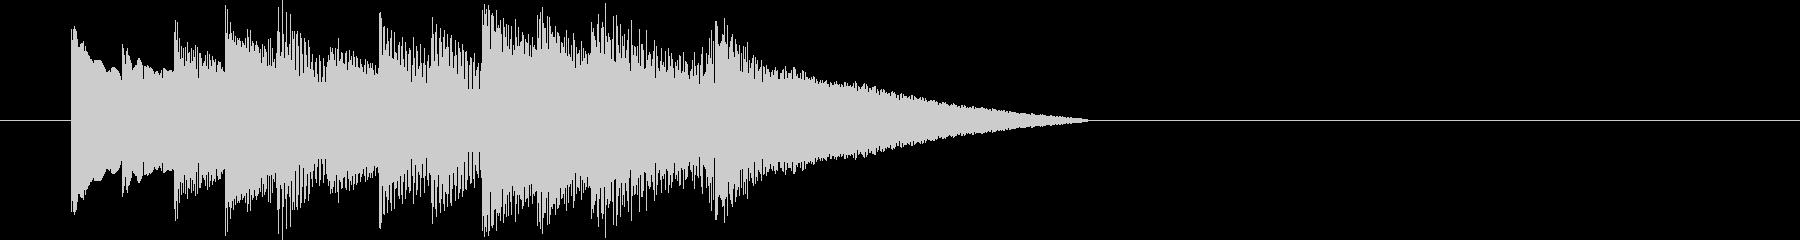 オルゴールによる場面転換・アイキャッチの未再生の波形